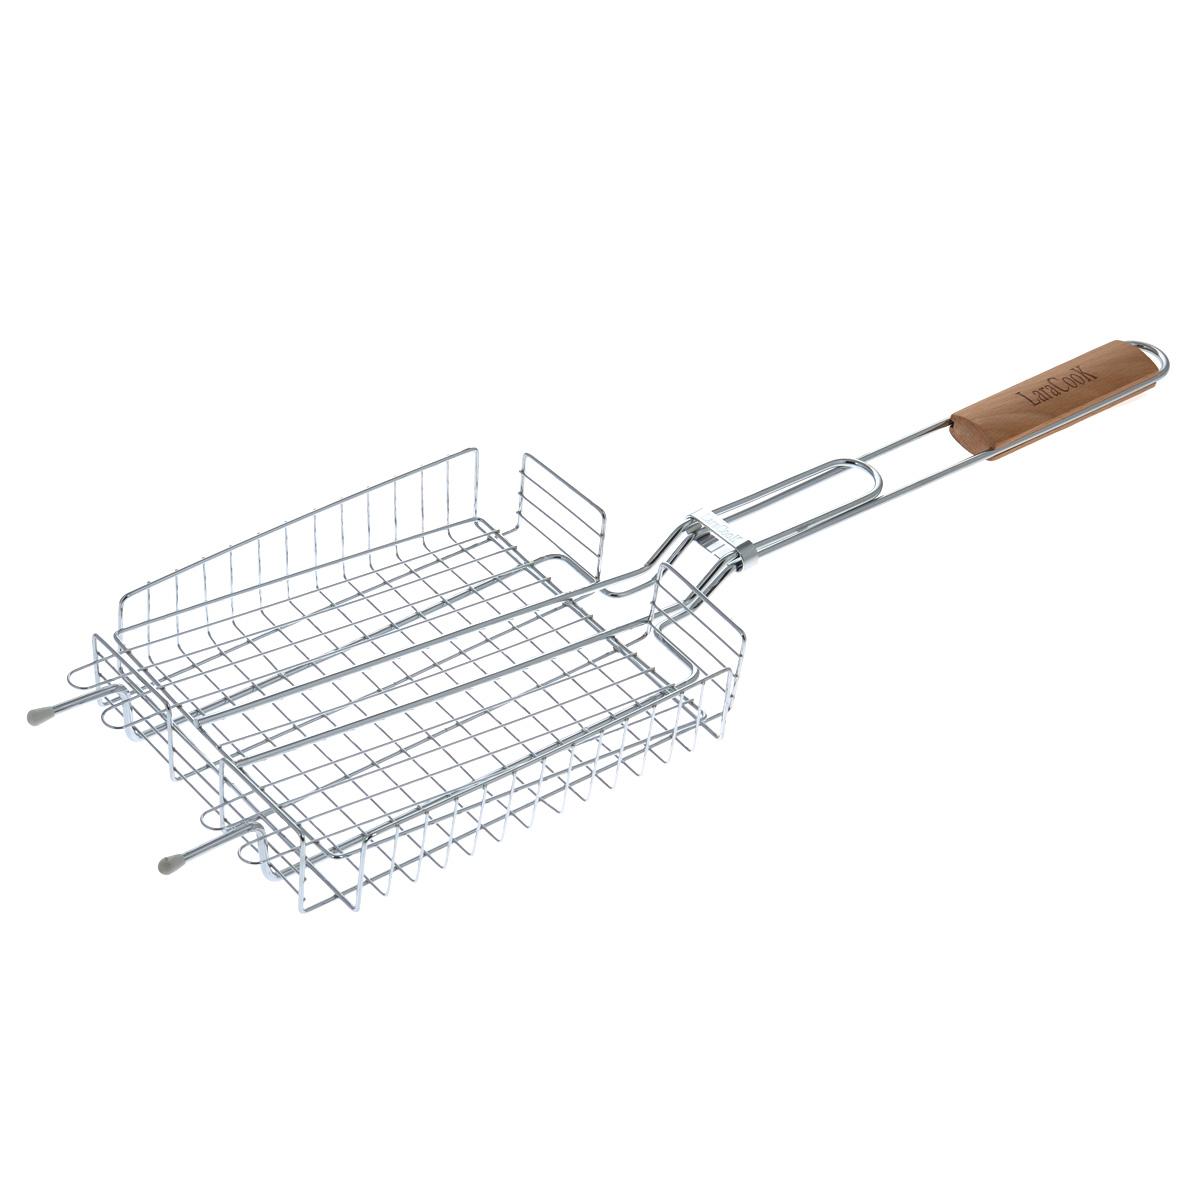 Решетка-гриль глубокая Laracook, 25 см х 20 смLC-1300Решетка-гриль Laracook изготовлена из нержавеющей стали. Приготовление вкусных блюд из рыбы, мяса или птицы на пикнике становится еще более быстрым и удобным с использованием решетки-гриль. Верхняя прижимная сетка решетки регулируется по высоте и позволяет готовить продукты разной толщины. Высокие бортики не дадут упасть продуктам на угли при перевороте решетки. Решетка-гриль отлично подходит для мангала. Удобная для обхвата деревянная ручка помогает легче переворачивать решетку и делает ее использование более безопасным. Размер решетки: 25 см х 20 см х 5 см.Длина ручки: 37 см.